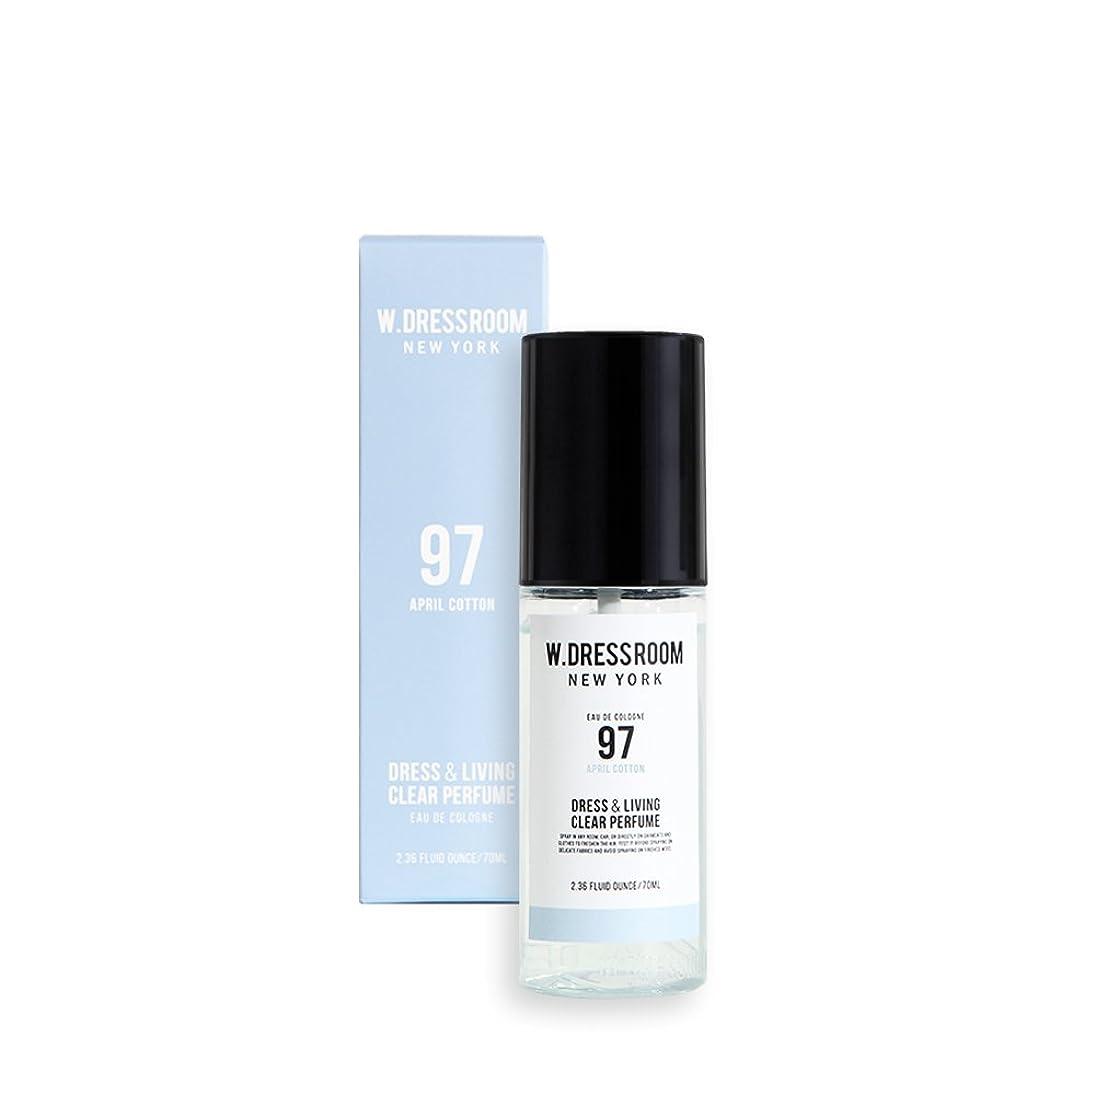 階層解凍する、雪解け、霜解け望遠鏡W.DRESSROOM Dress & Living Clear Perfume 70ml/ダブルドレスルーム ドレス&リビング クリア パフューム 70ml (#No.97 April Cotton) [並行輸入品]